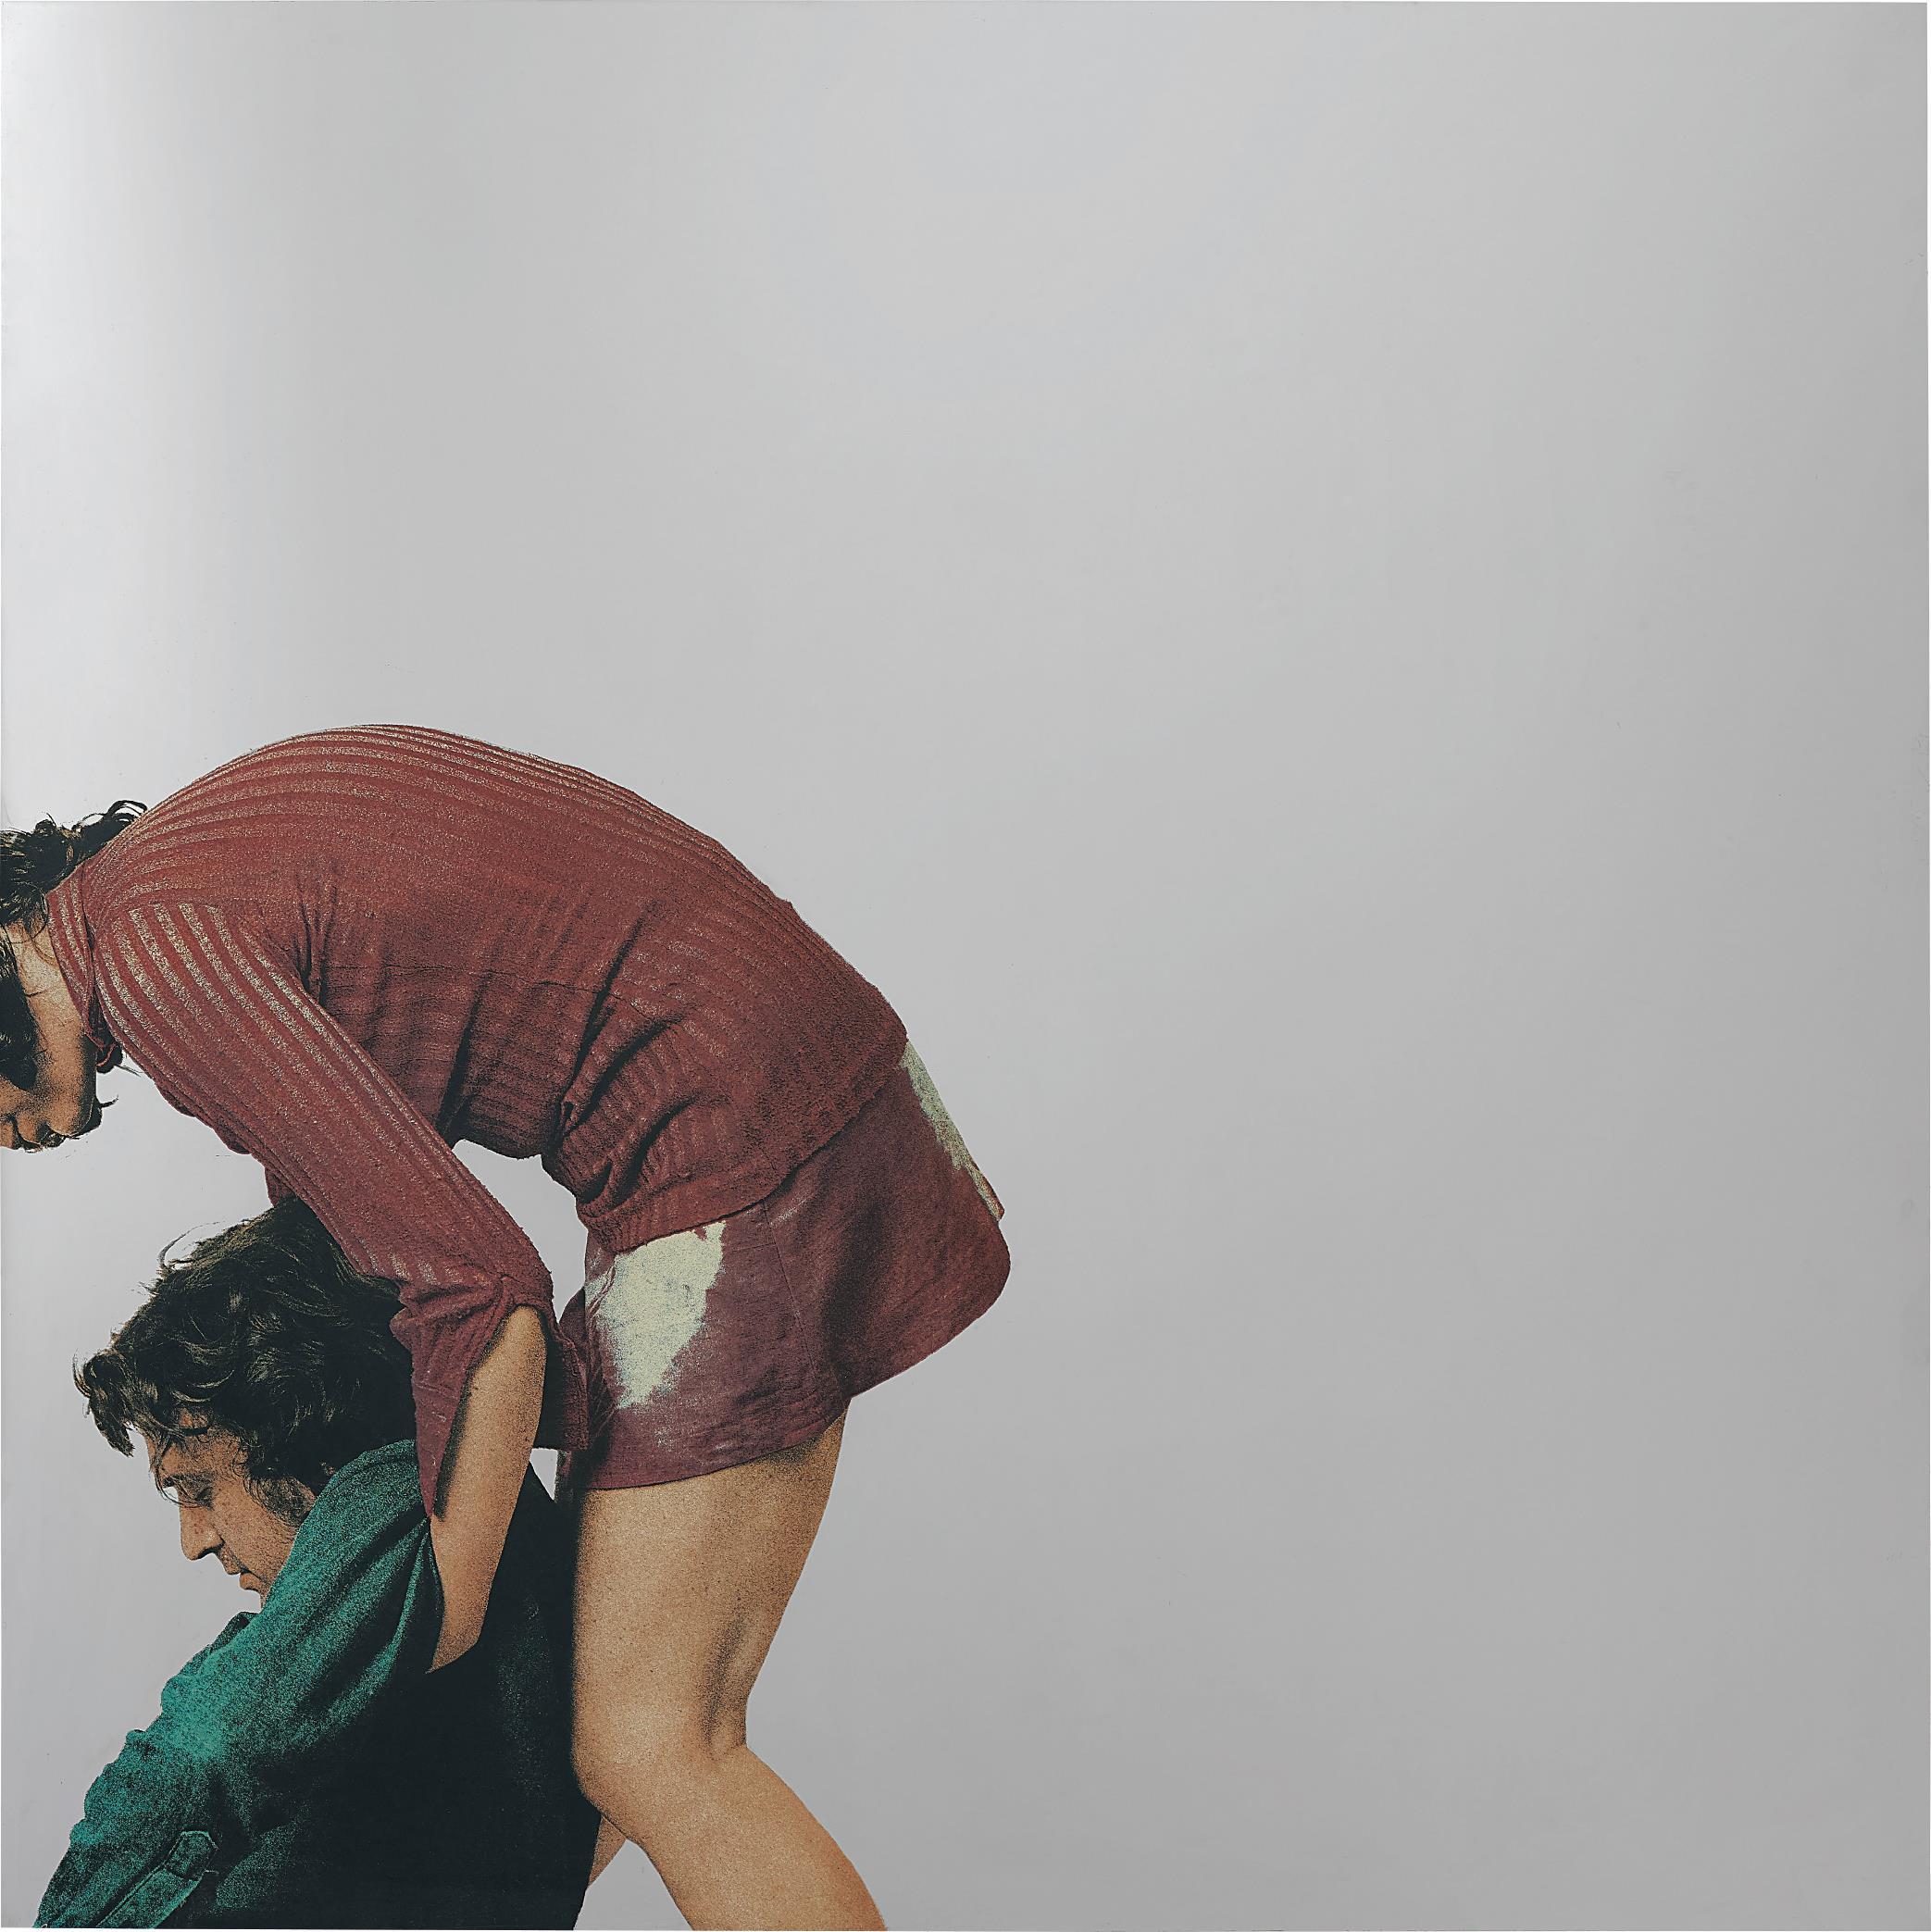 Michelangelo Pistoletto-Particolare della deposizione-1974